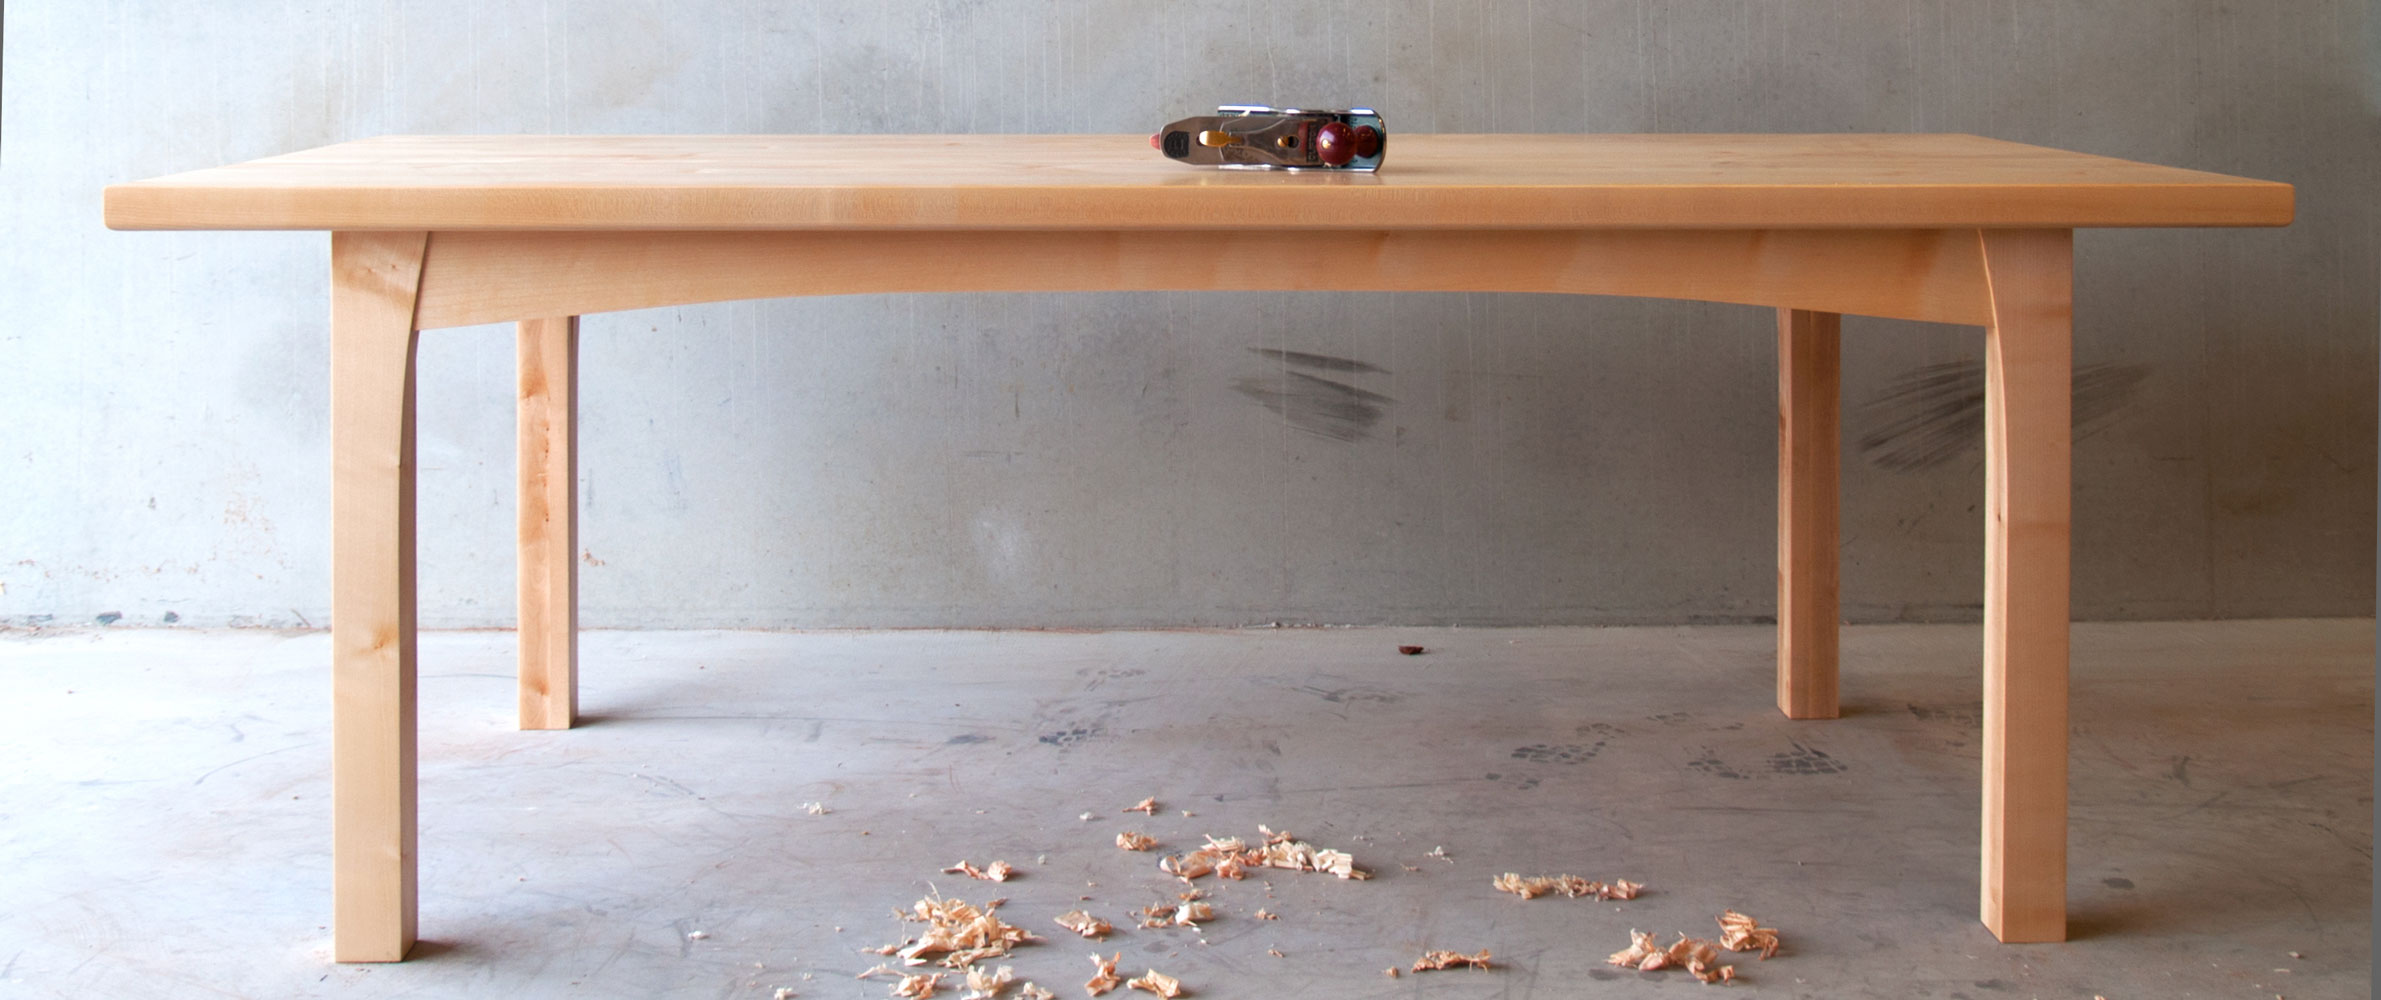 Meubelmakerij Twente   houten meubels op maat gemaakt